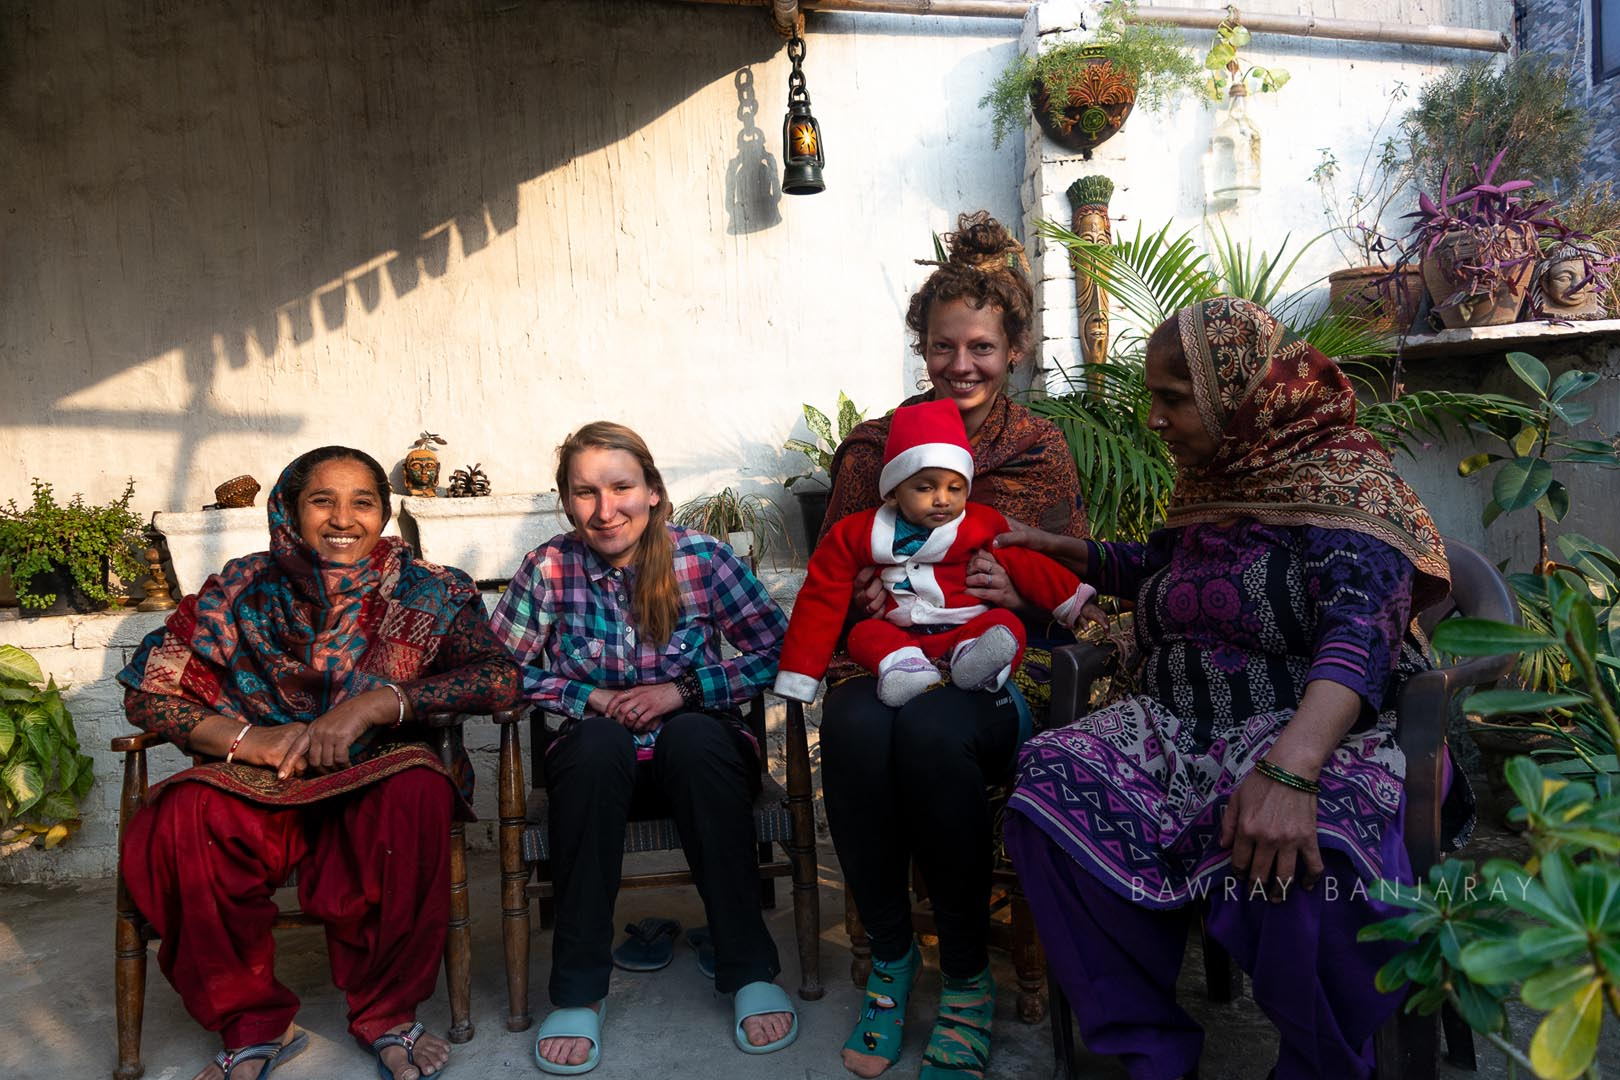 Joana Magda with Bawray Banjaray In Delhi